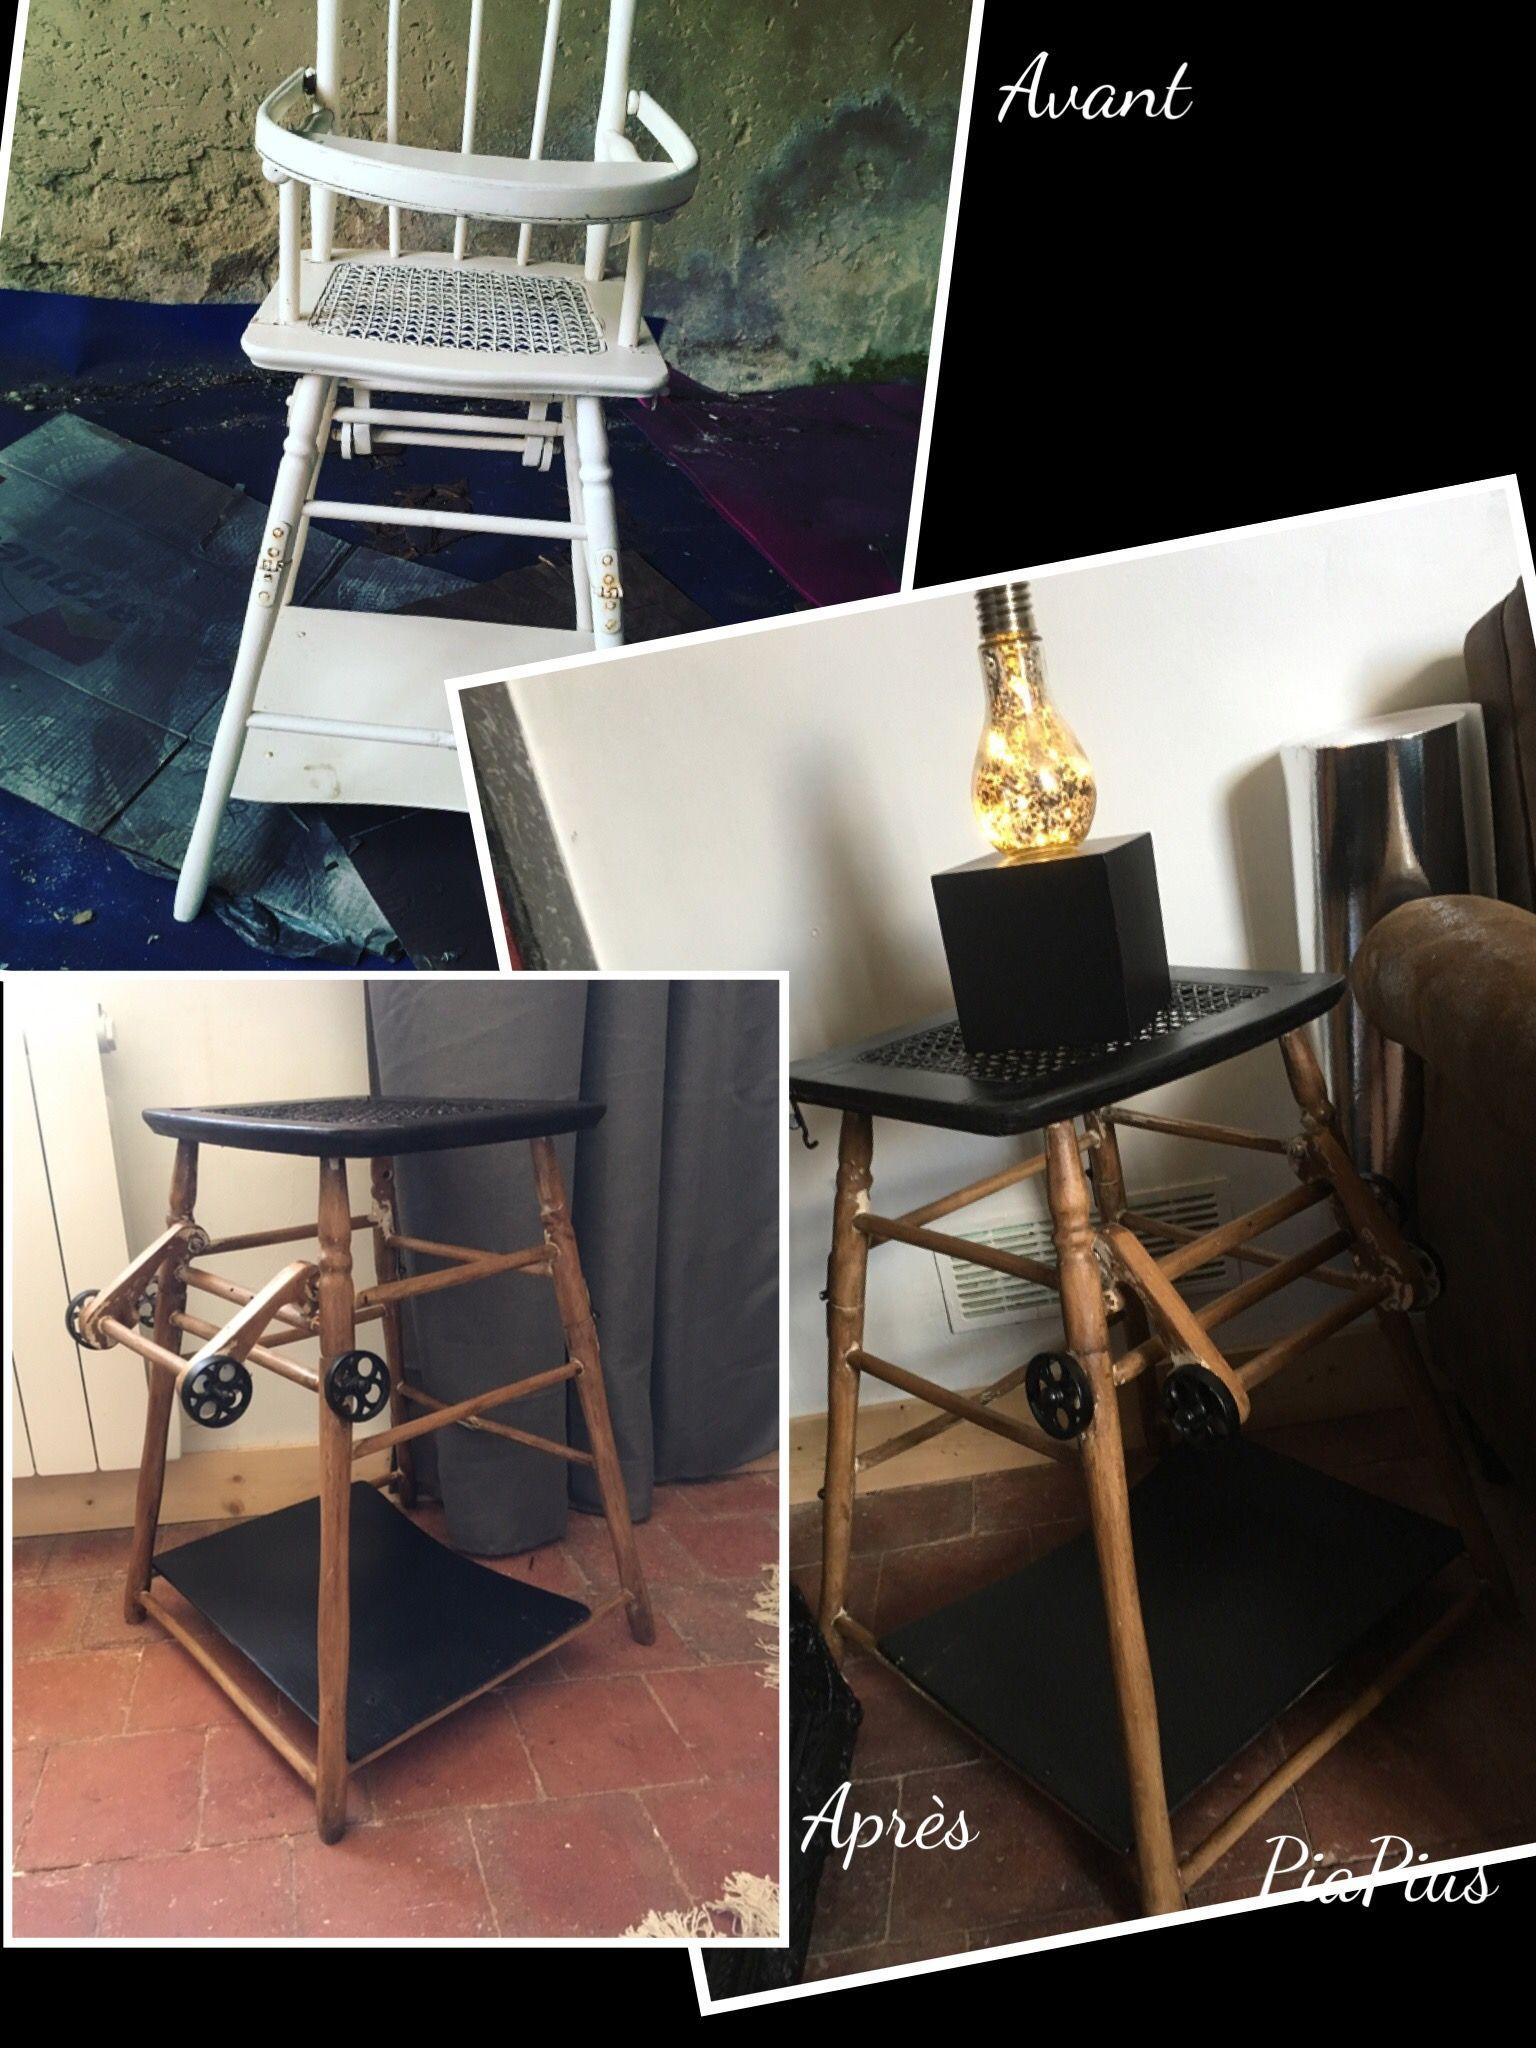 Haute Bébé Style Table Chaise Transformé IndustrielDiy Idee En ChrQdst